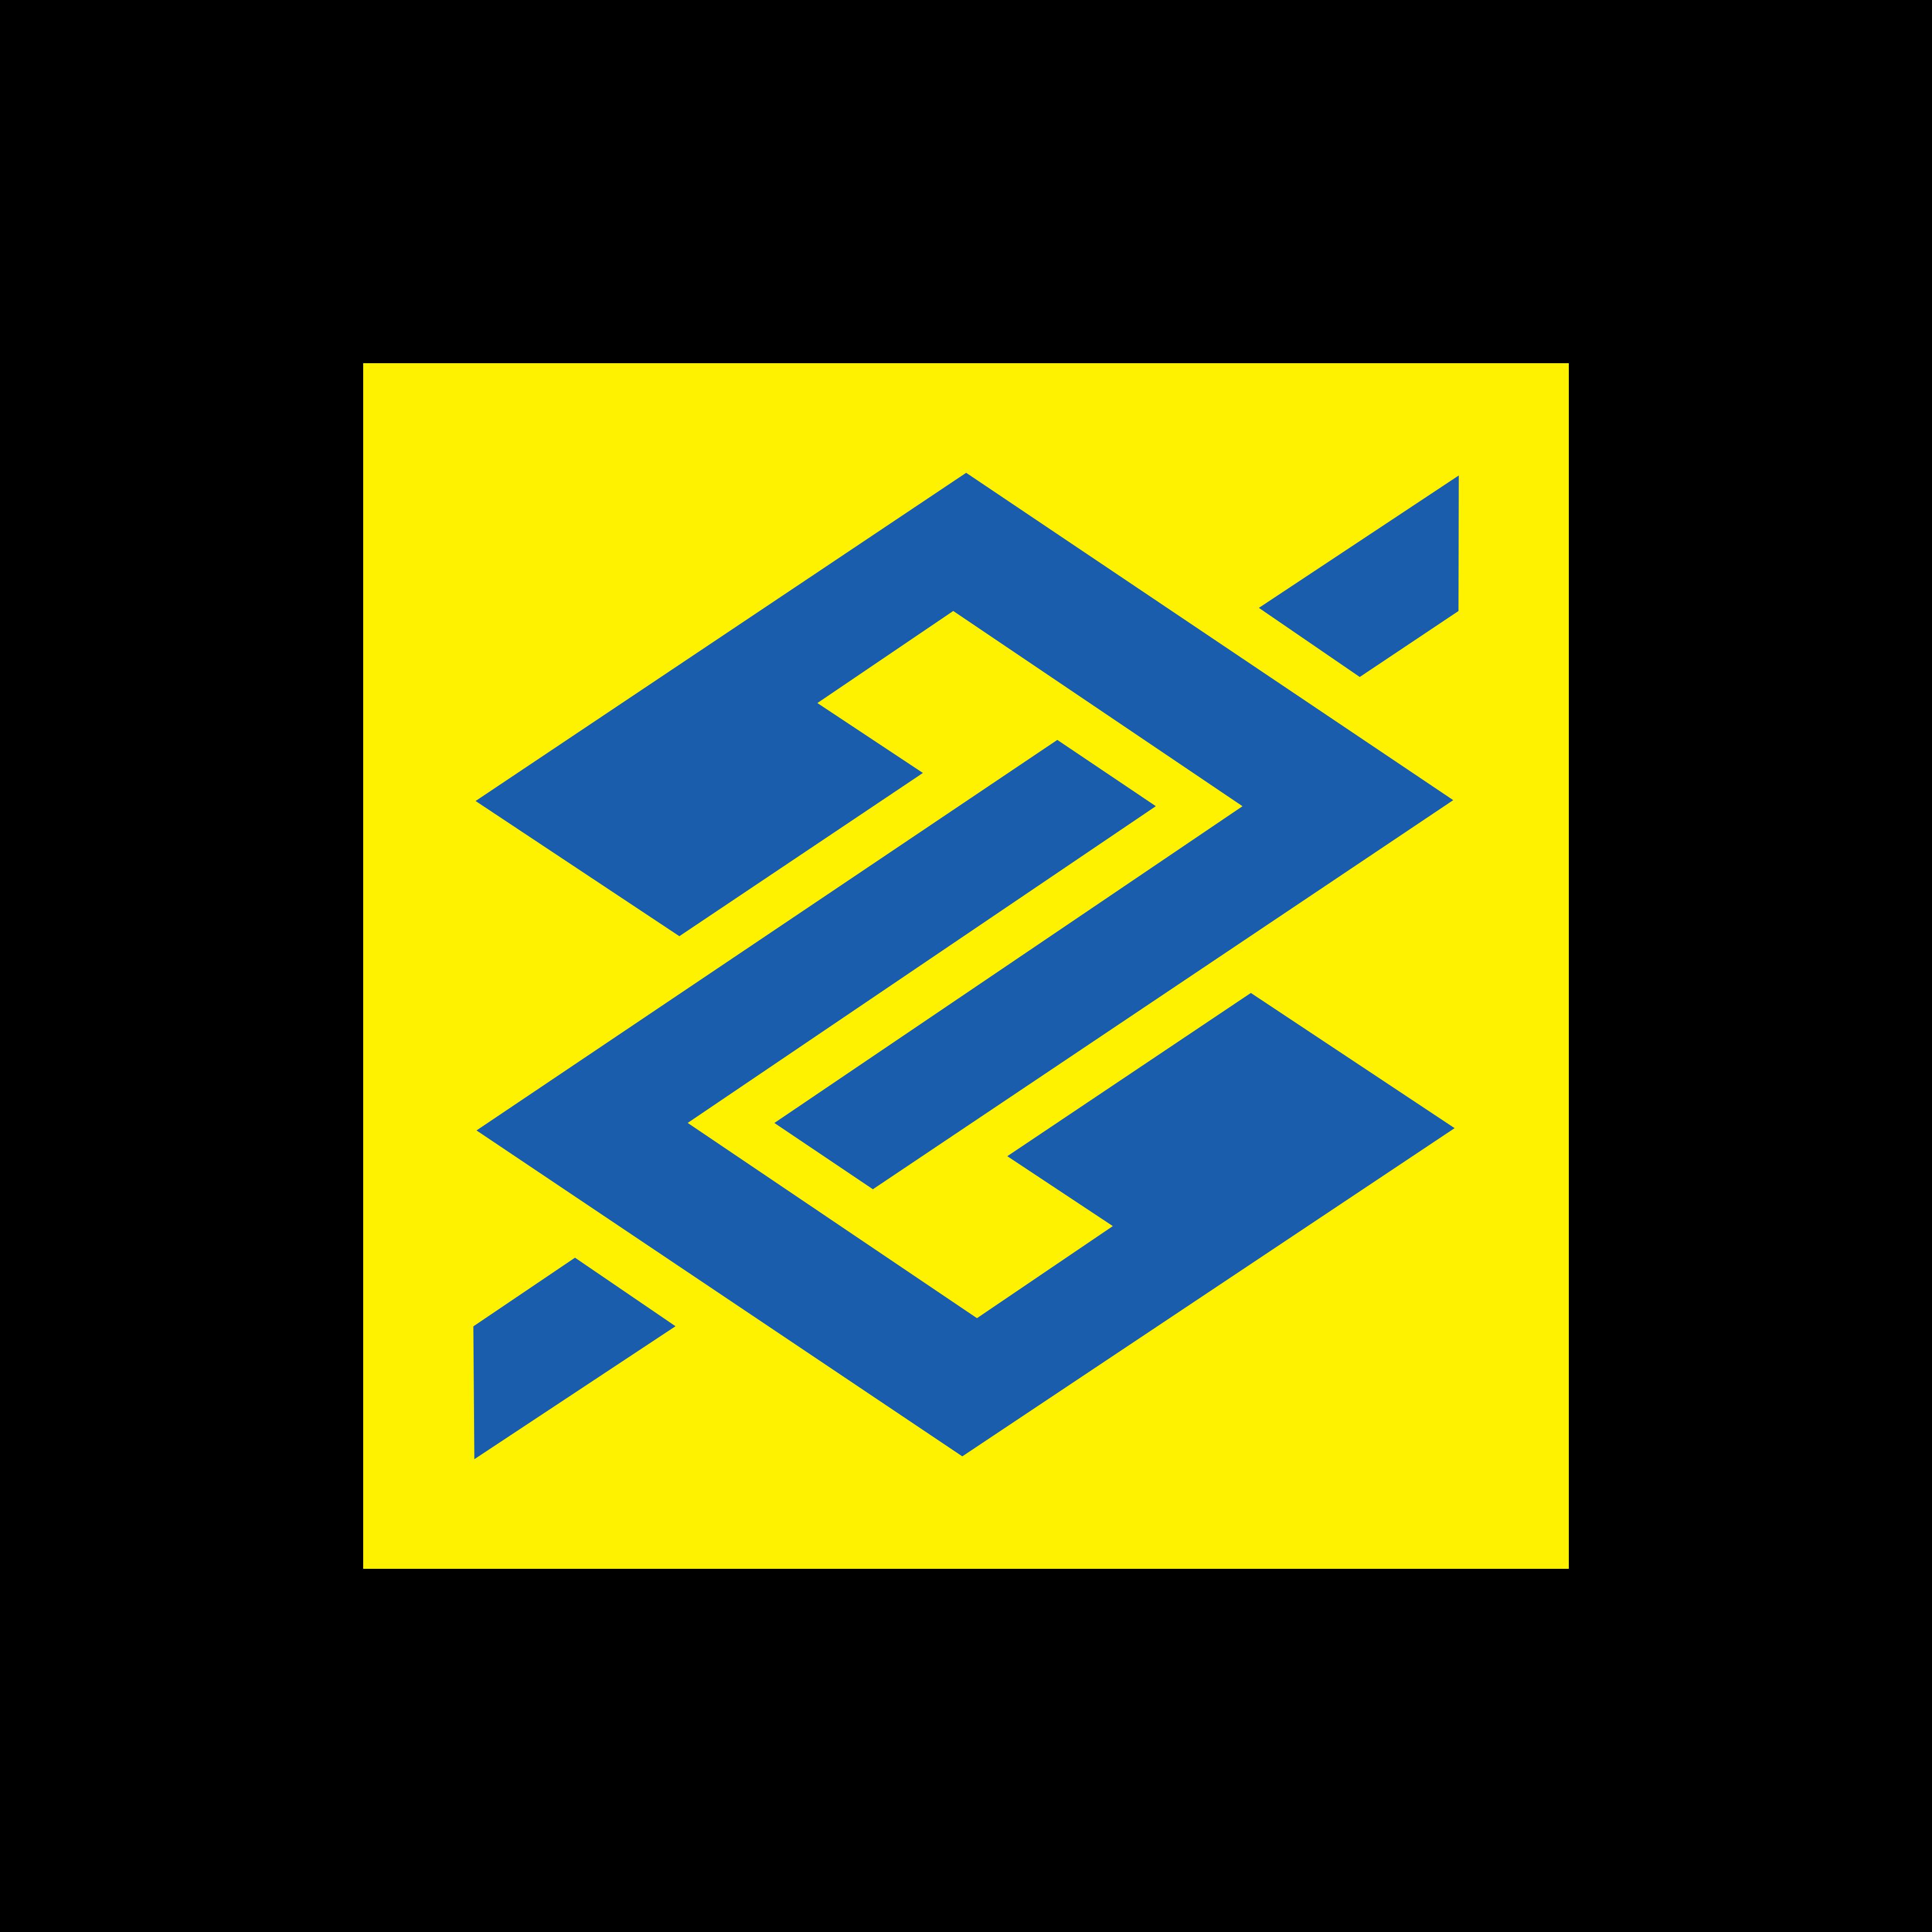 banco do brasil logo 0 - Banco do Brasil Logo